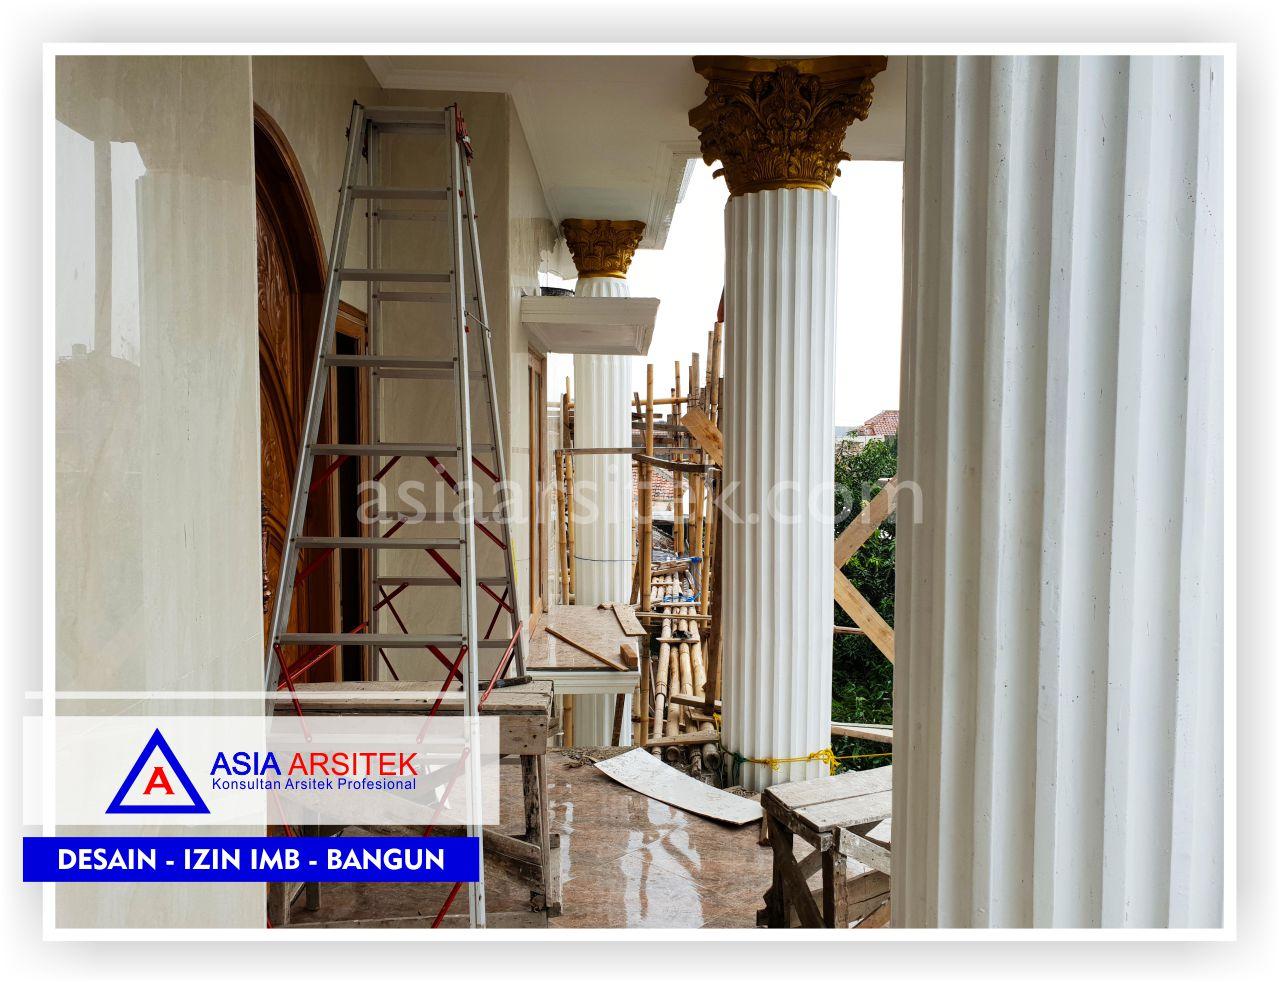 Area Balkon Rumah Klasik Mewah Bu Iis - Arsitek Desain Rumah Minimalis Modern Di Bandung-Tangerang-Bogor-Bekasi-Jakarta-Jasa Konsultan Desain Arsitek Profesional (1)